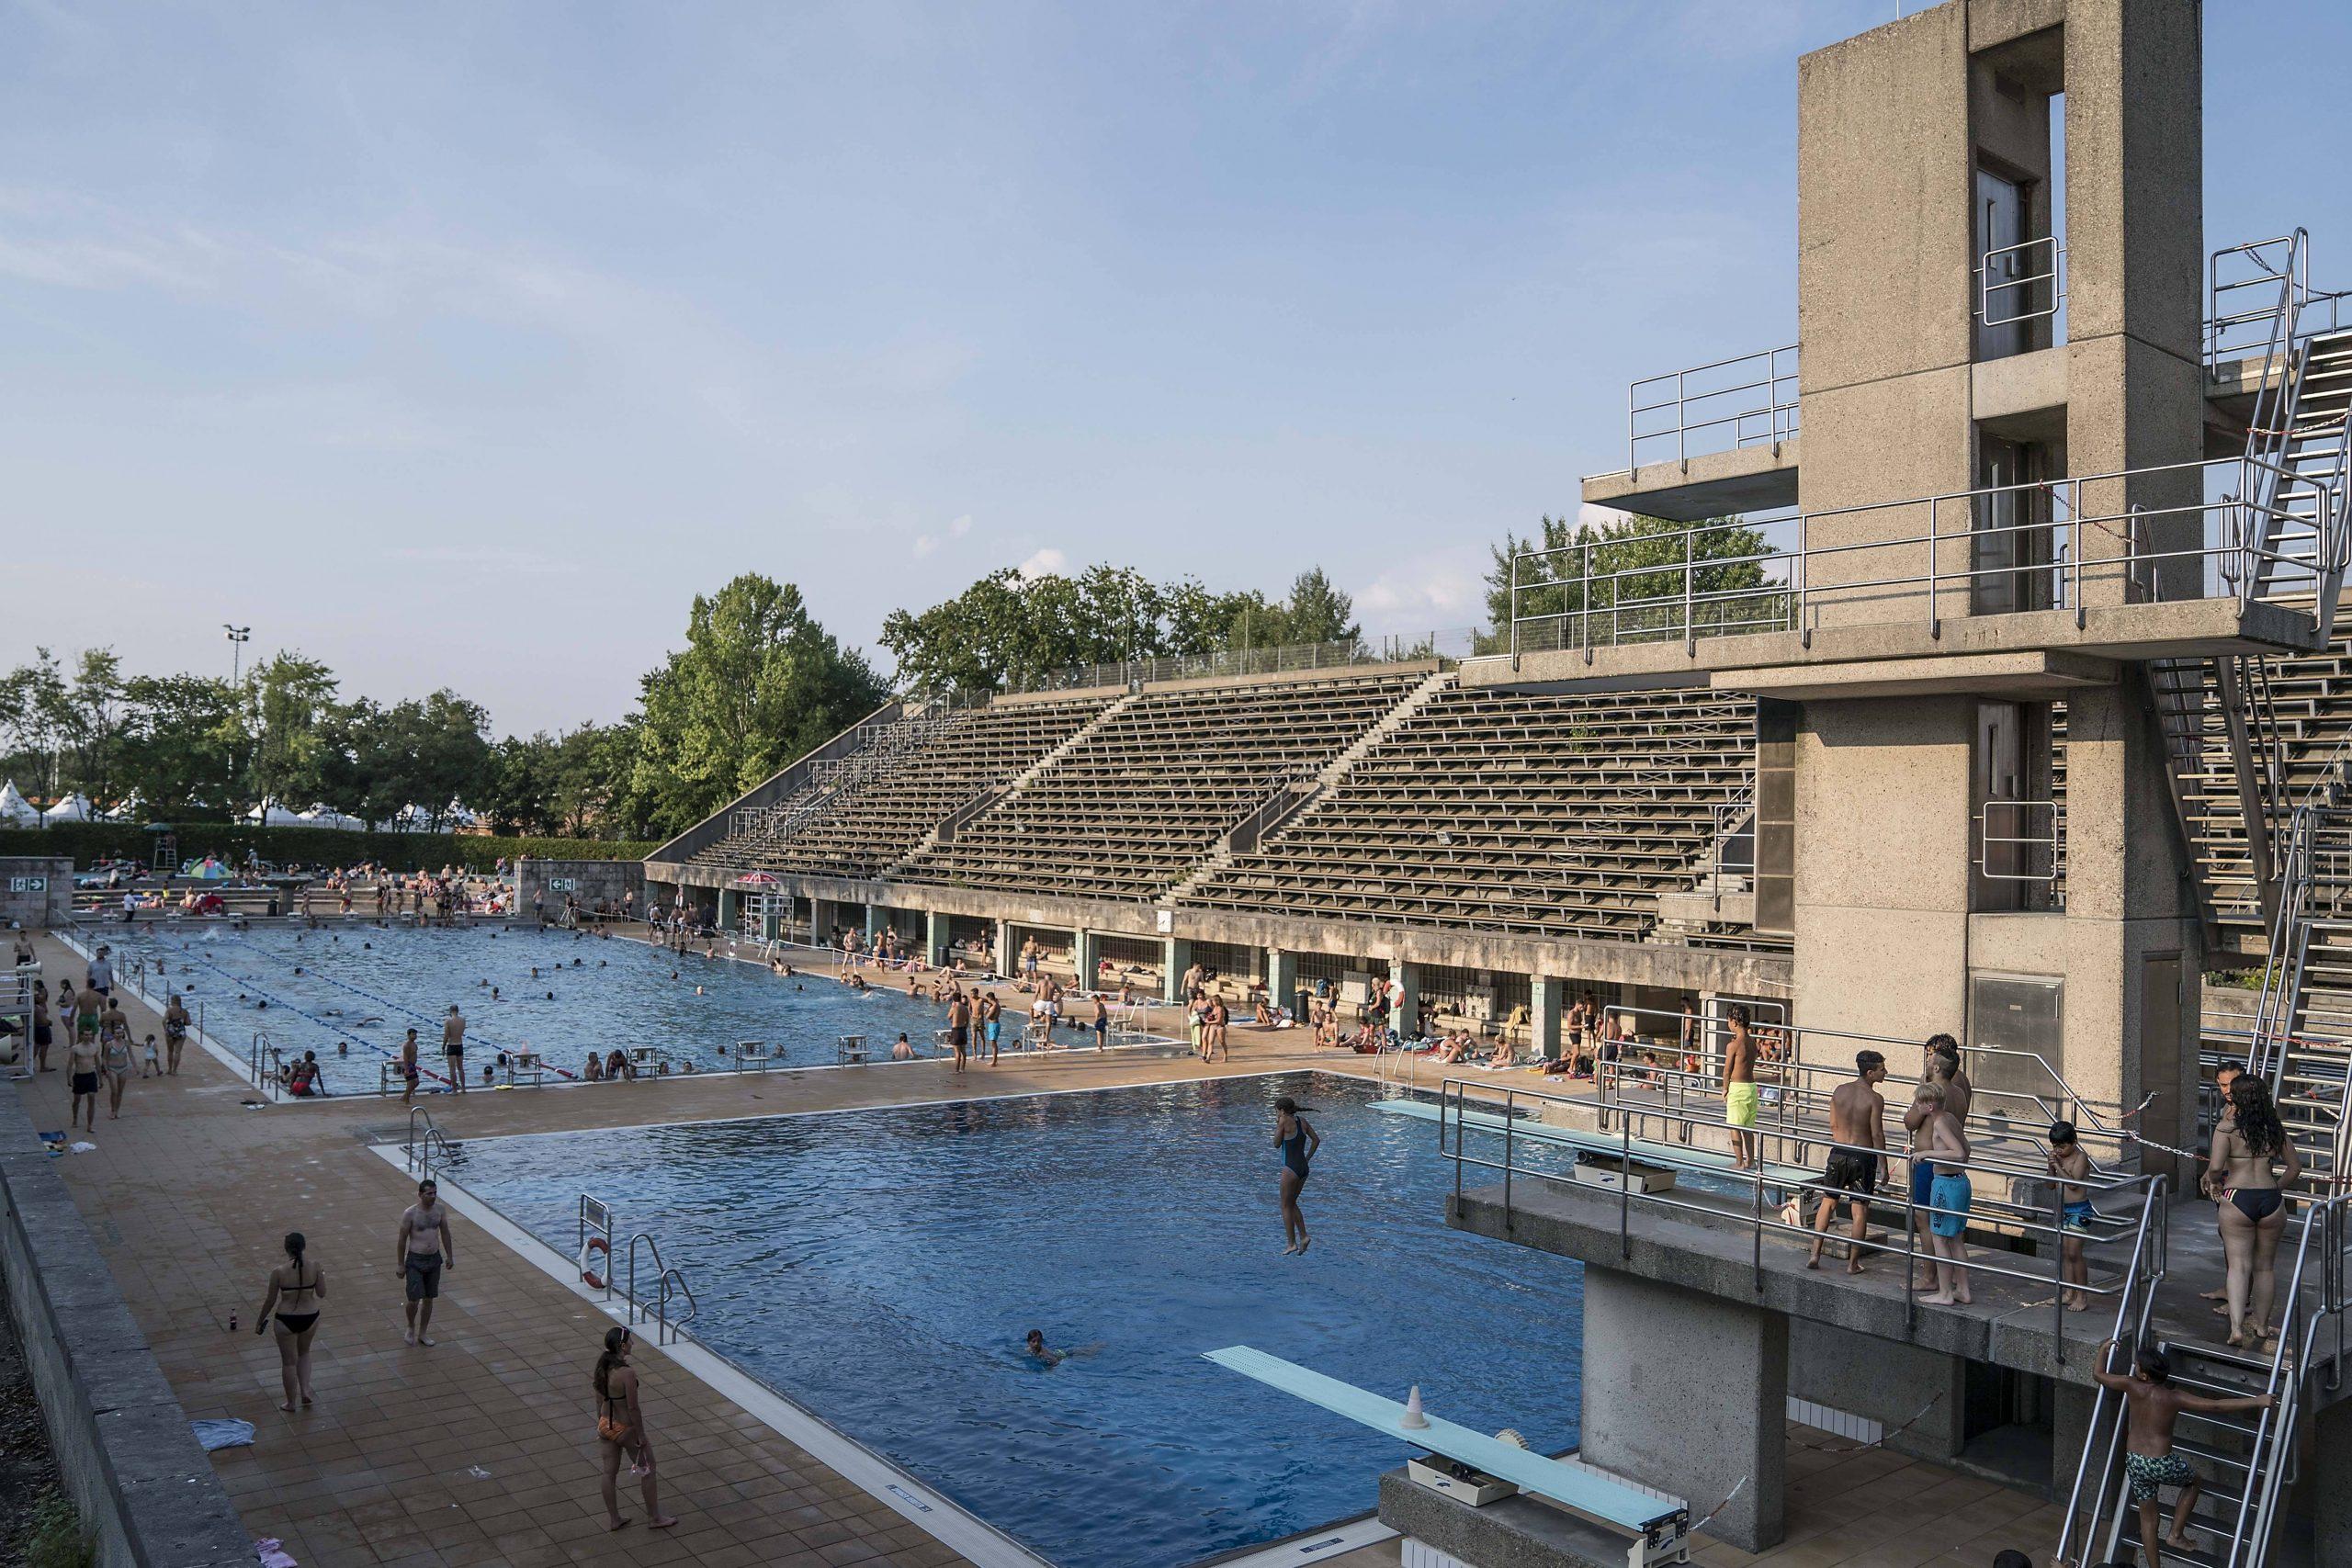 Das Sommerbad Olympiastadion: Eines der eindrücklichsten Freibäder in Berlin. Foto: Imago /Sven Simon